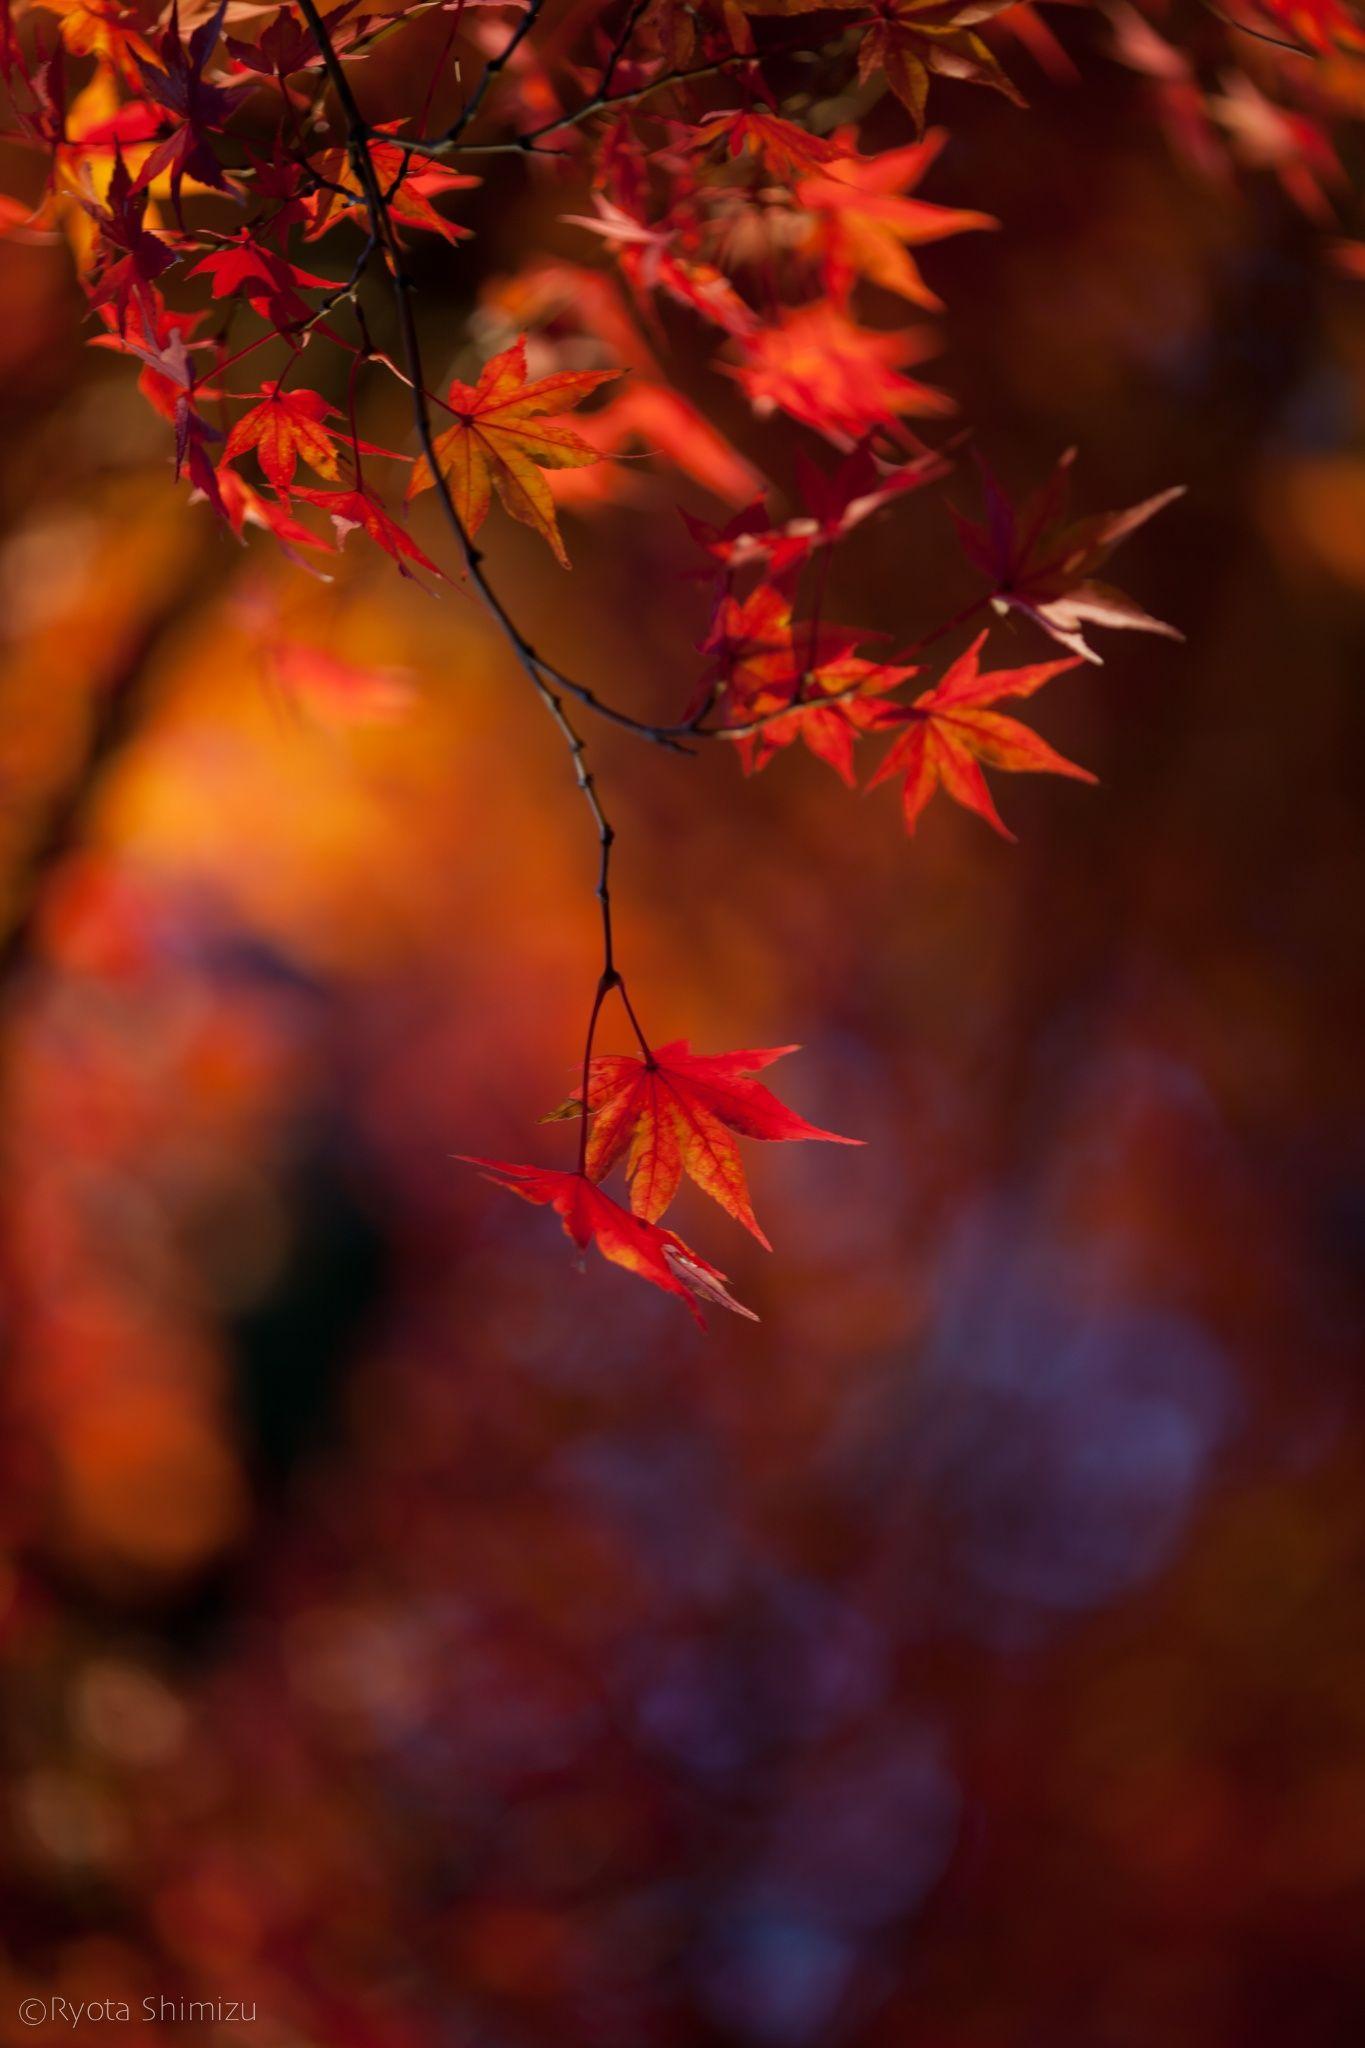 japanese maple by Ryota Shimizu on 500px